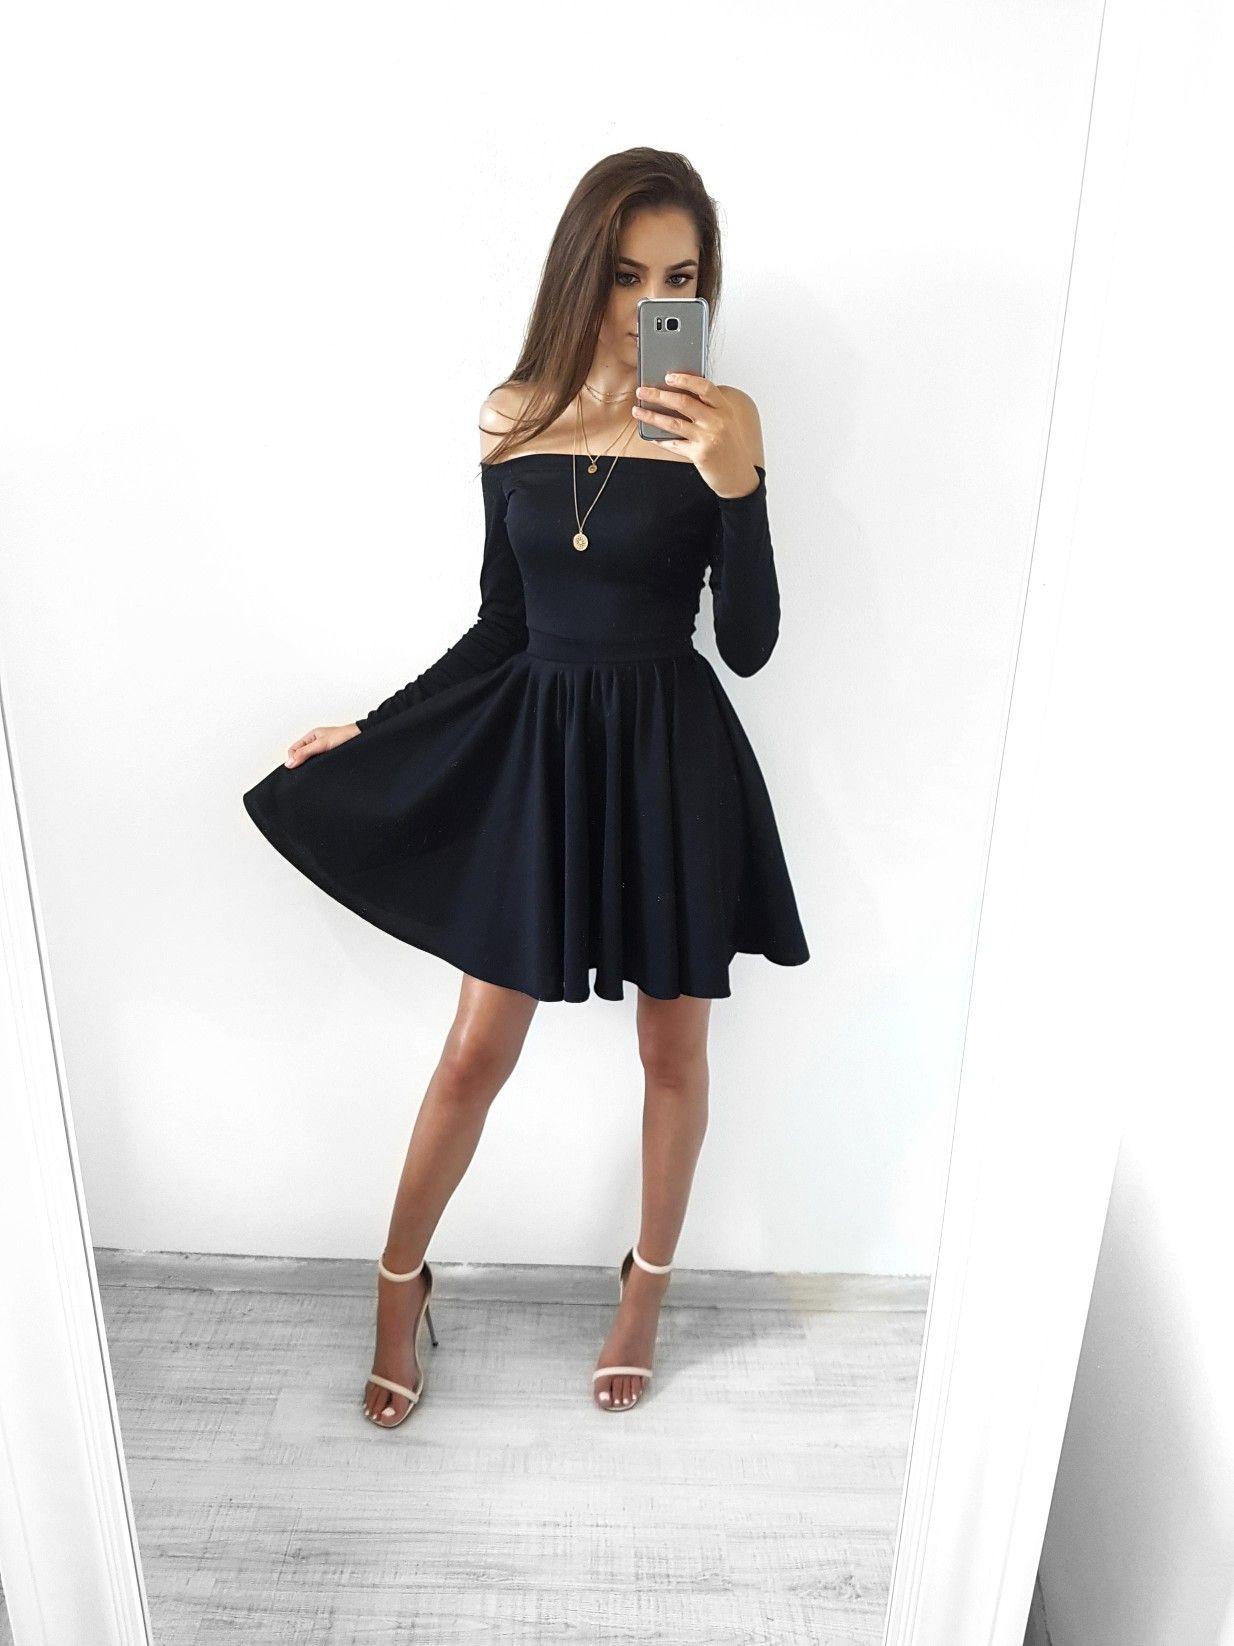 Www Lovecoco Pl Czarna Sukienka Bez Ramion Na Wesele Studniowke Dresses Short Dresses Fashion